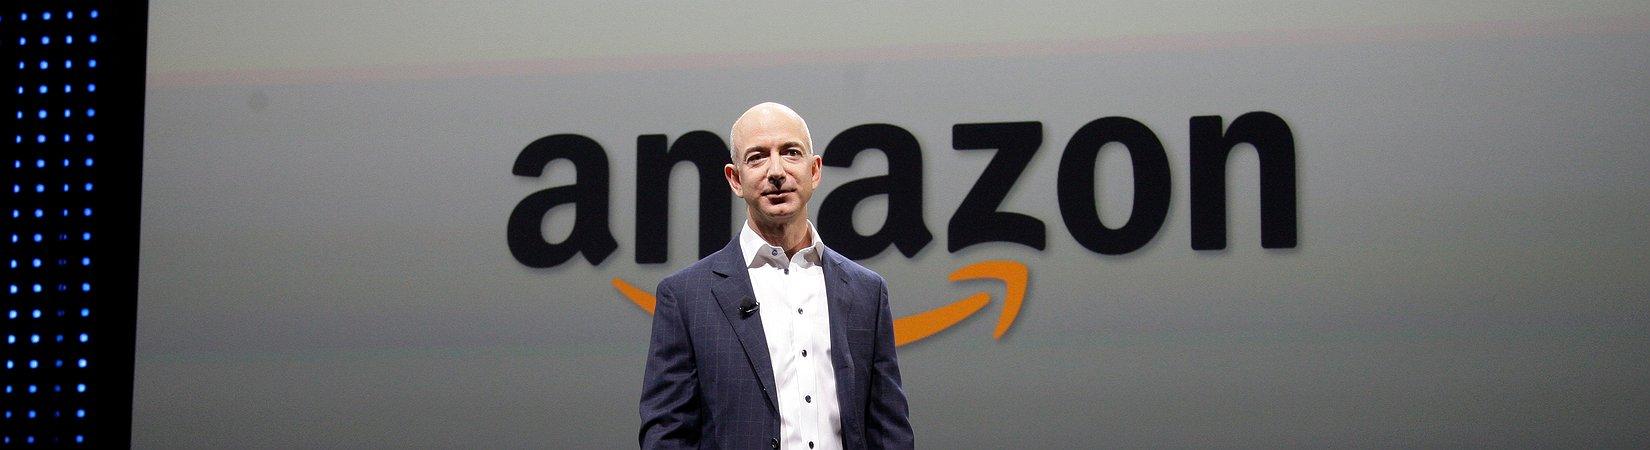 """Ue: """"Amazon dovrà pagare 250 milioni di euro al Lussemburgo"""""""